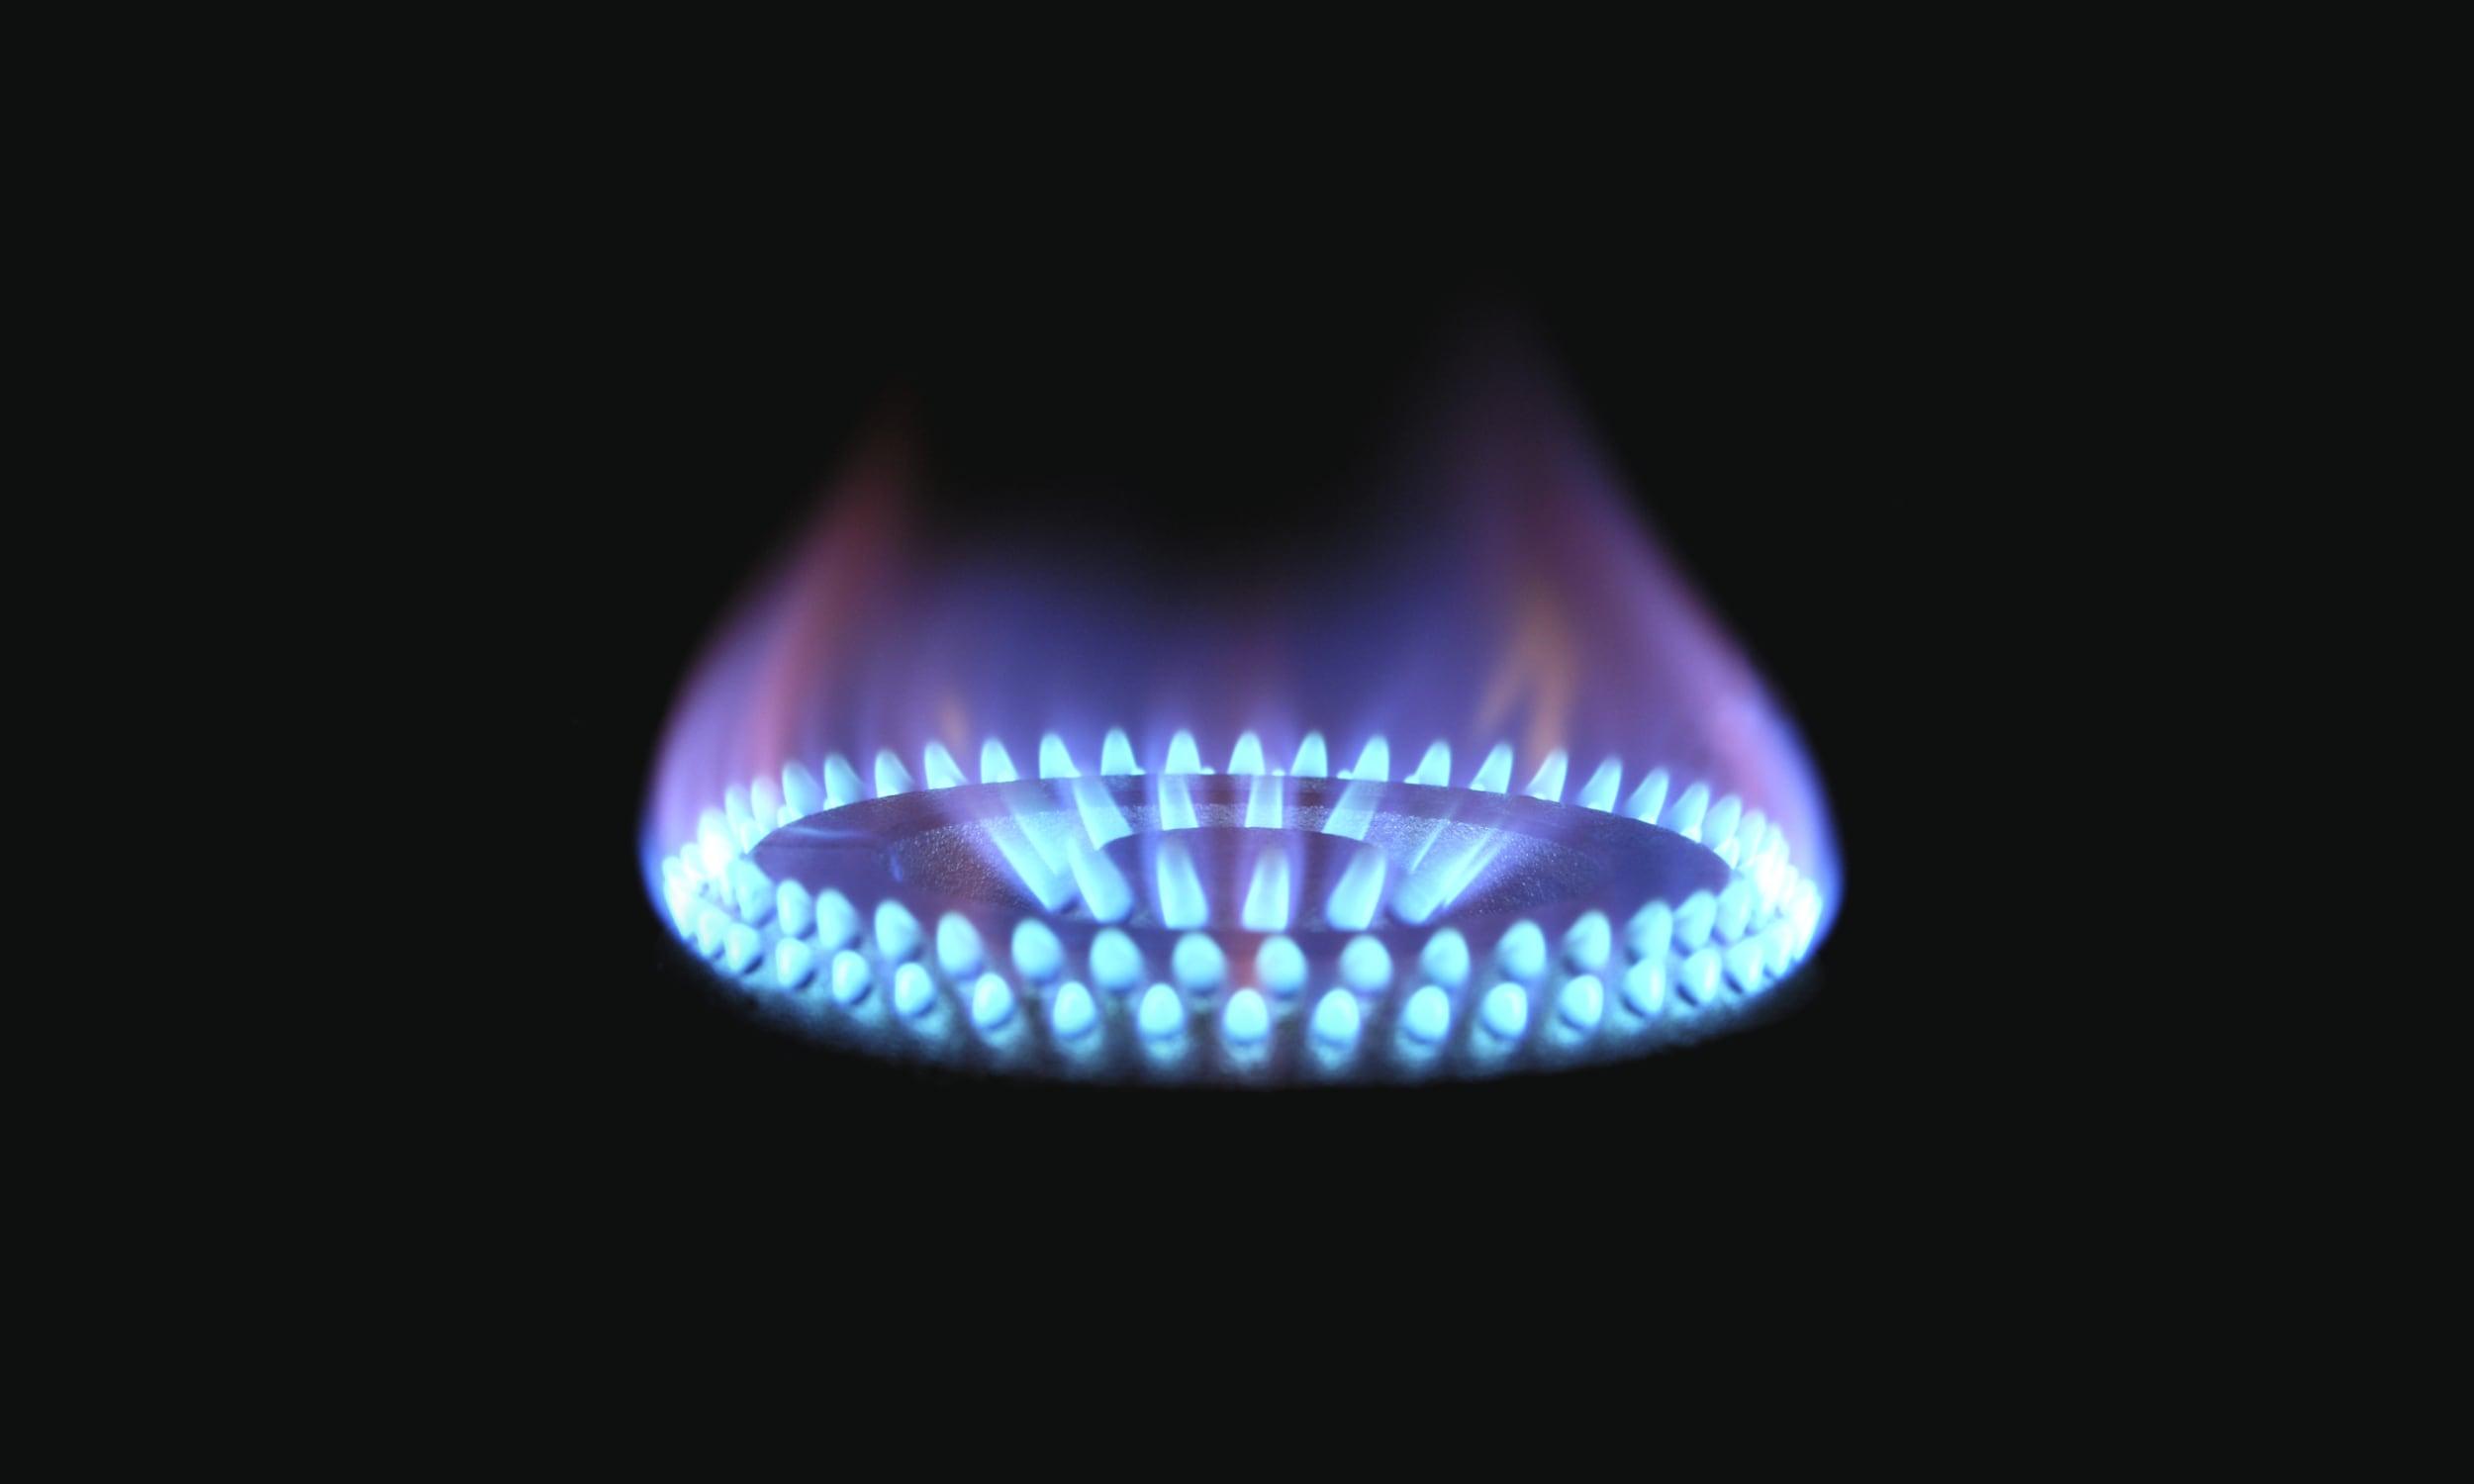 Rivestimenti Impreglon con materiale isolante termico alte temperature